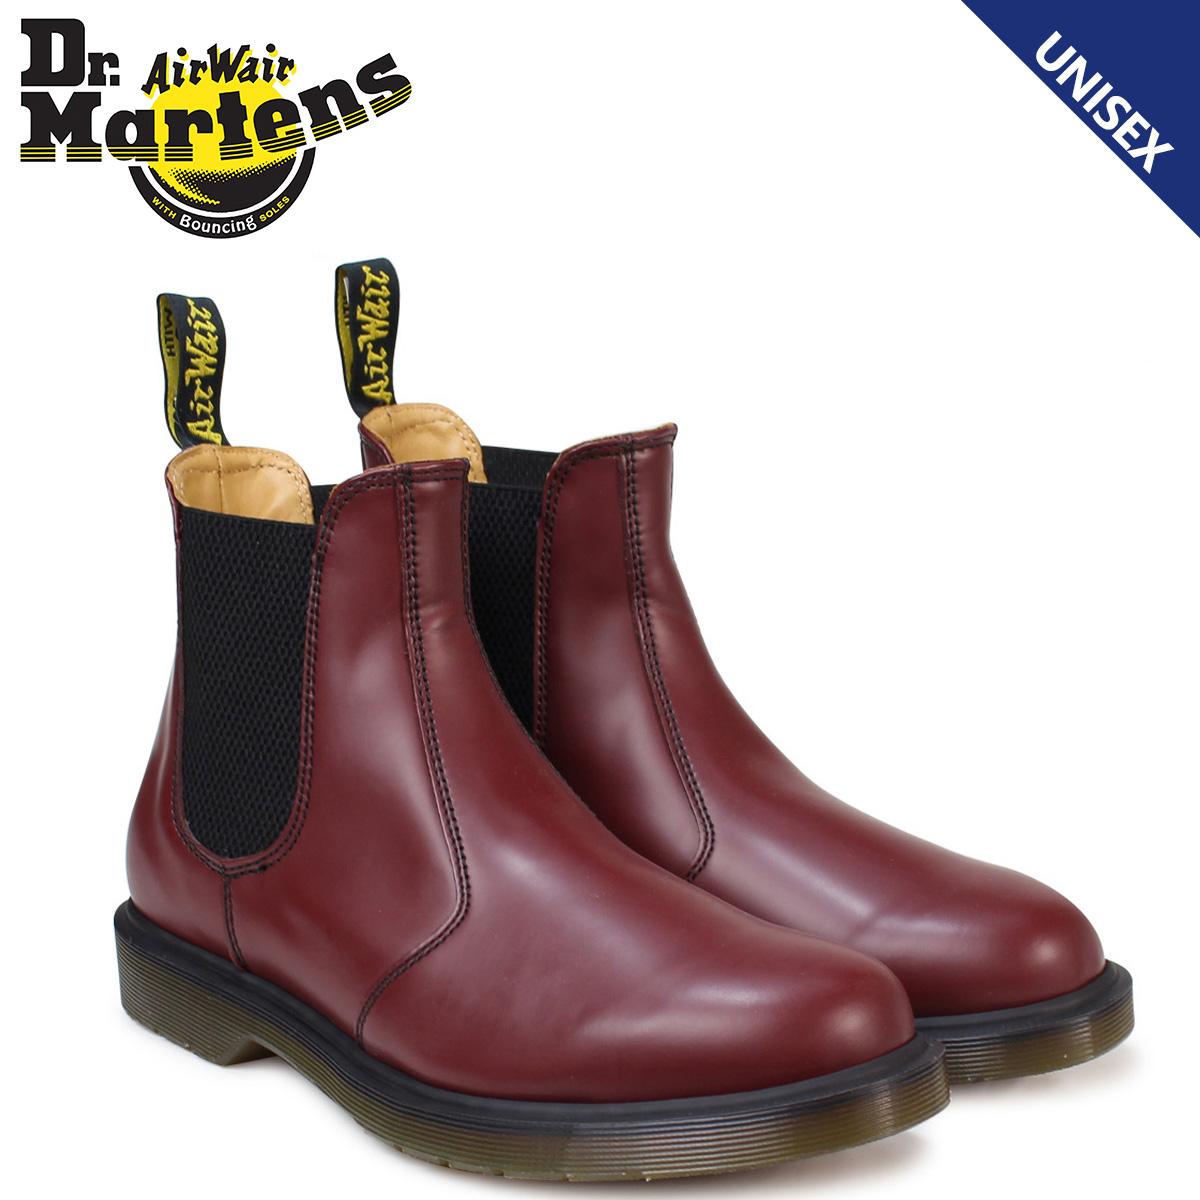 ドクターマーチン Dr.Martens サイドゴア 2976 メンズ レディース チェルシー ブーツ CHELSEA BOOT R11853600